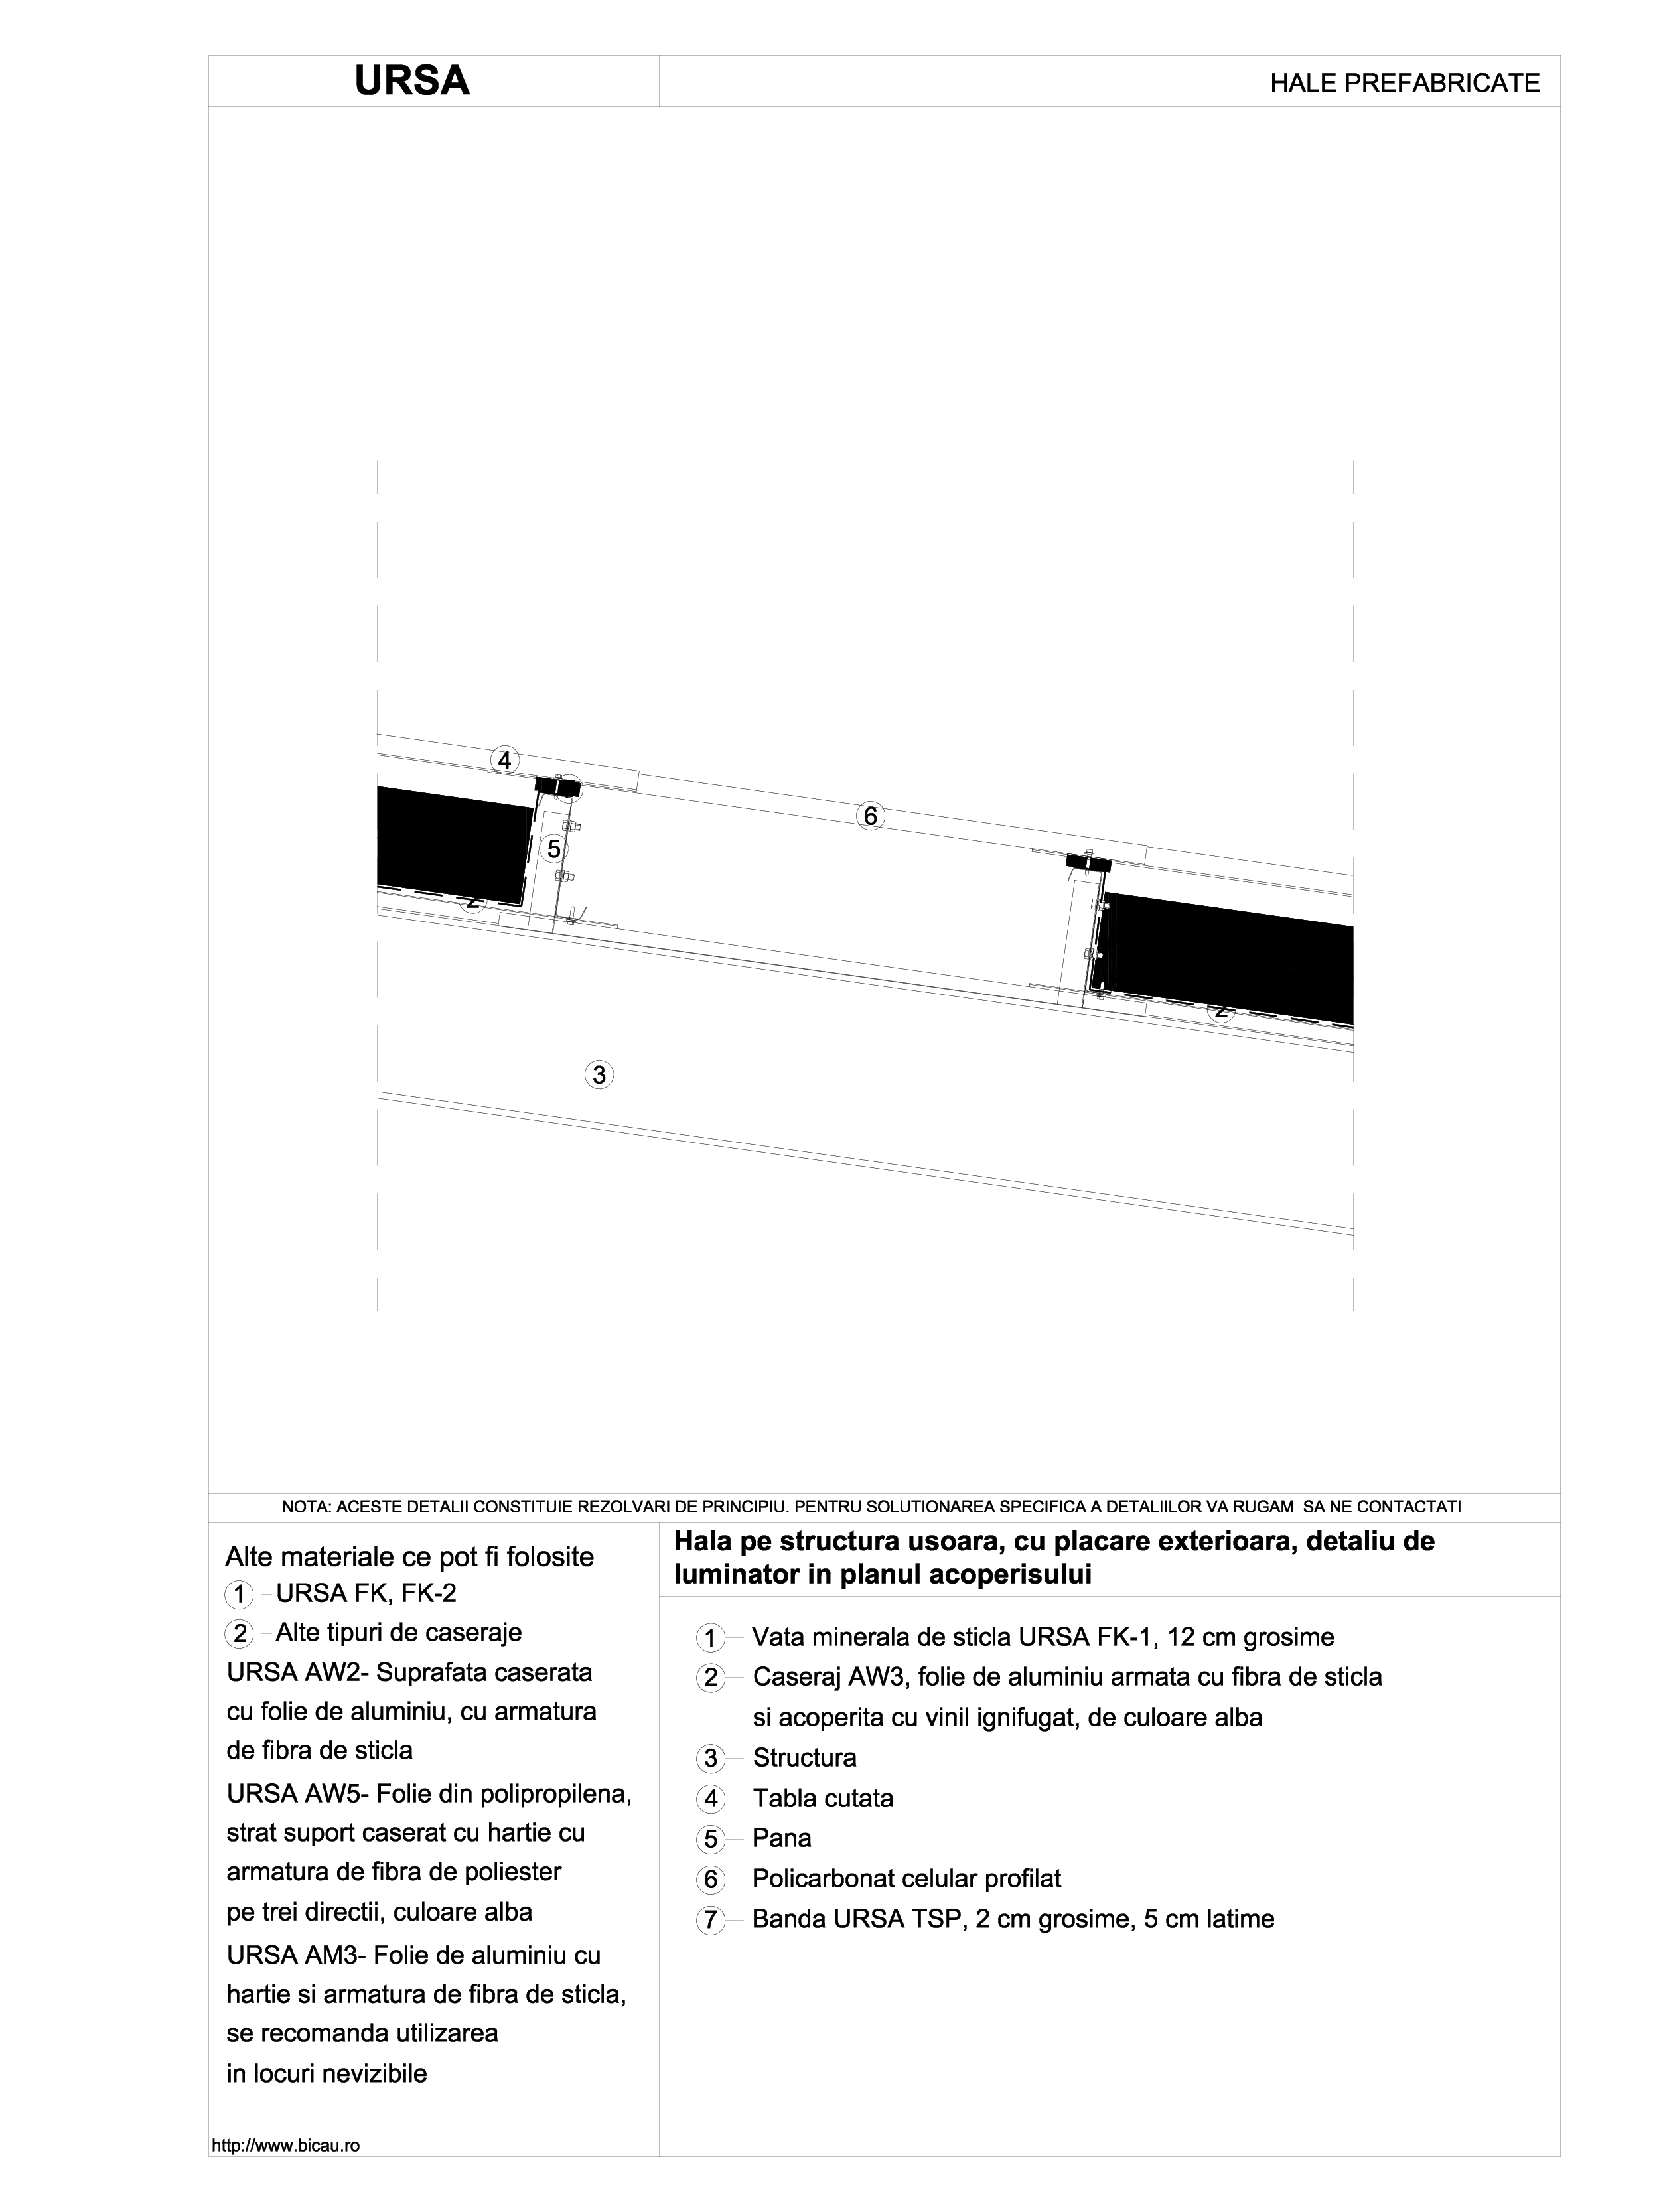 Hala pe structura usoara, cu placare exterioara, detaliu de luminator in planul acoperisului URSA Vata minerala pentru fatade neventilate si hale prefabricate URSA ROMANIA   - Pagina 1